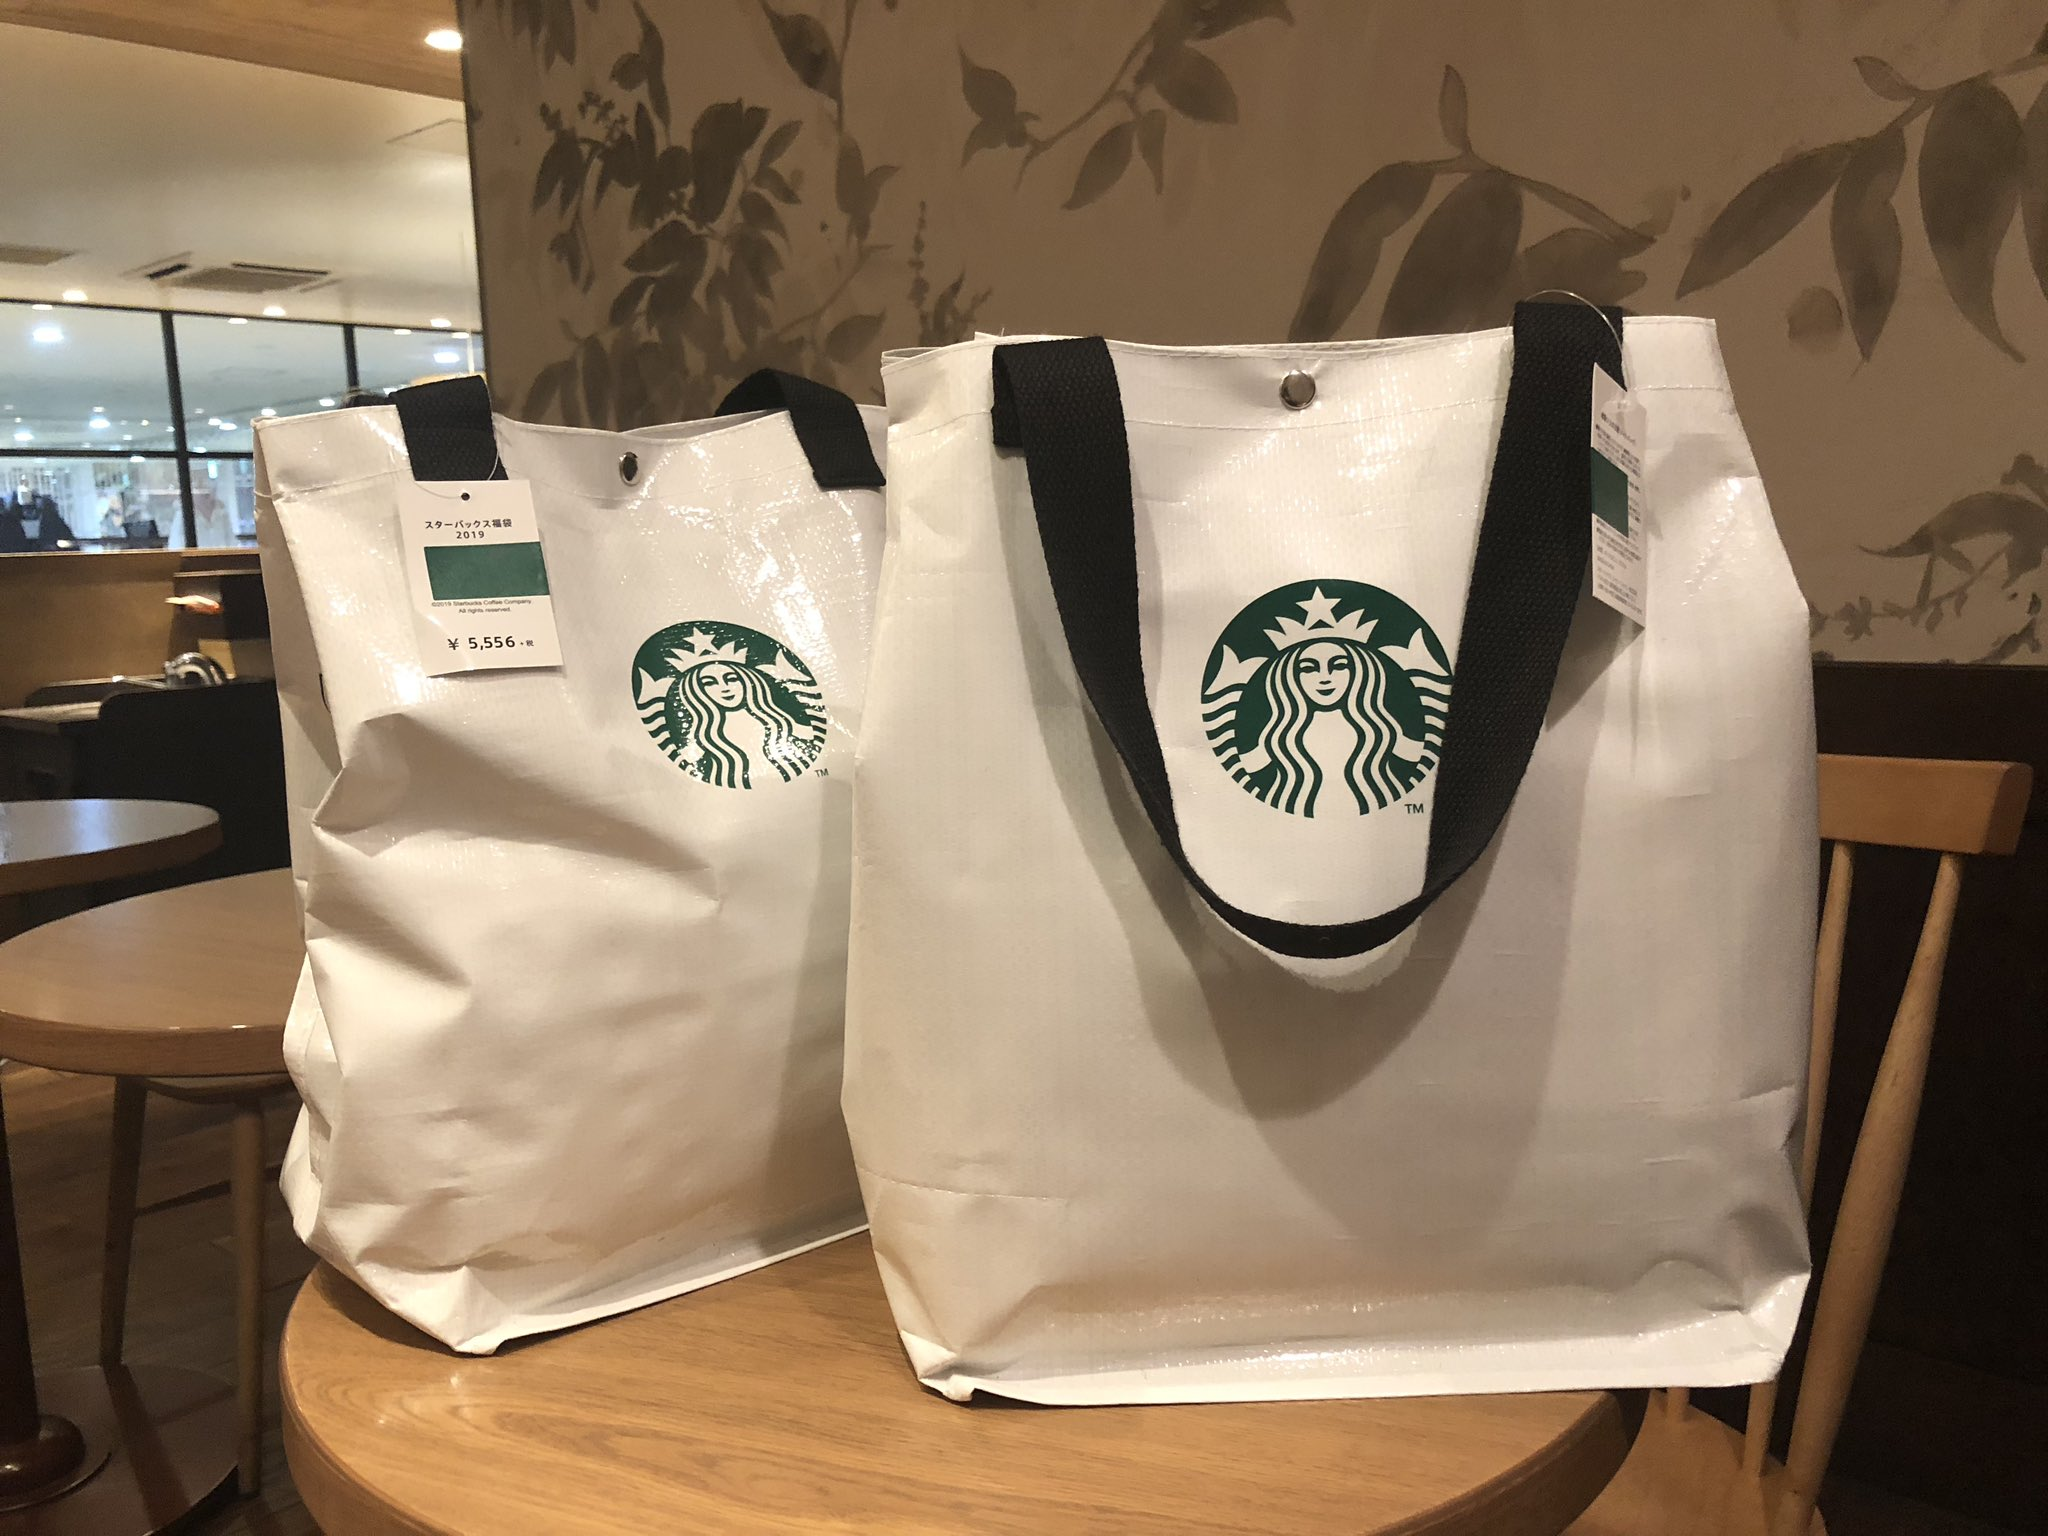 画像,あけましておめでとうございます🎍スターバックスの福袋を買いました!これで動画撮るぞープレゼントしますんで、楽しみにしていてください!!! https://t.c…